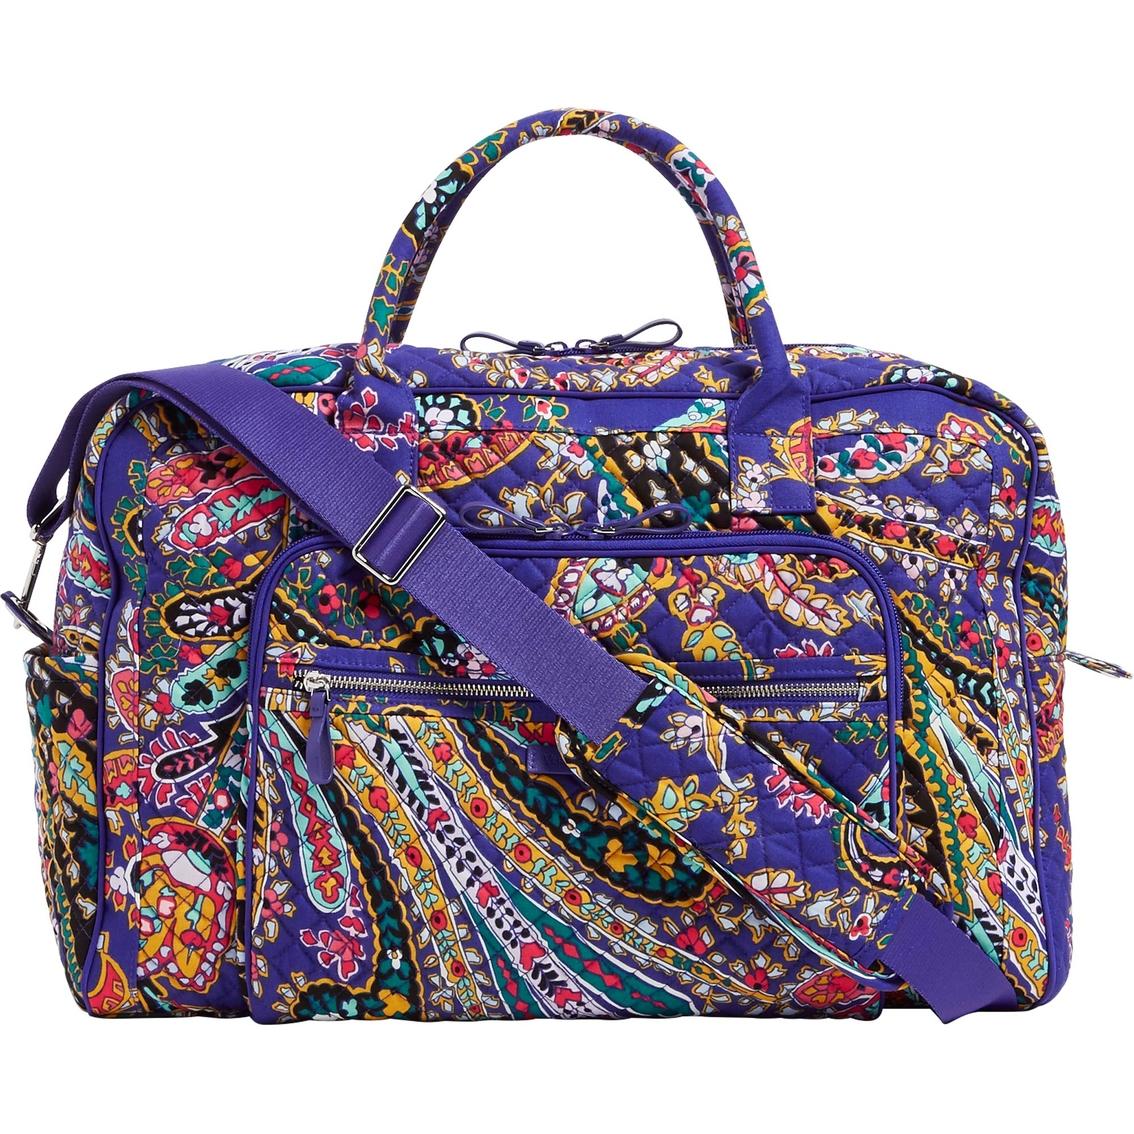 Vera Bradley Iconic Weekender Travel Bag a2e37e021e974